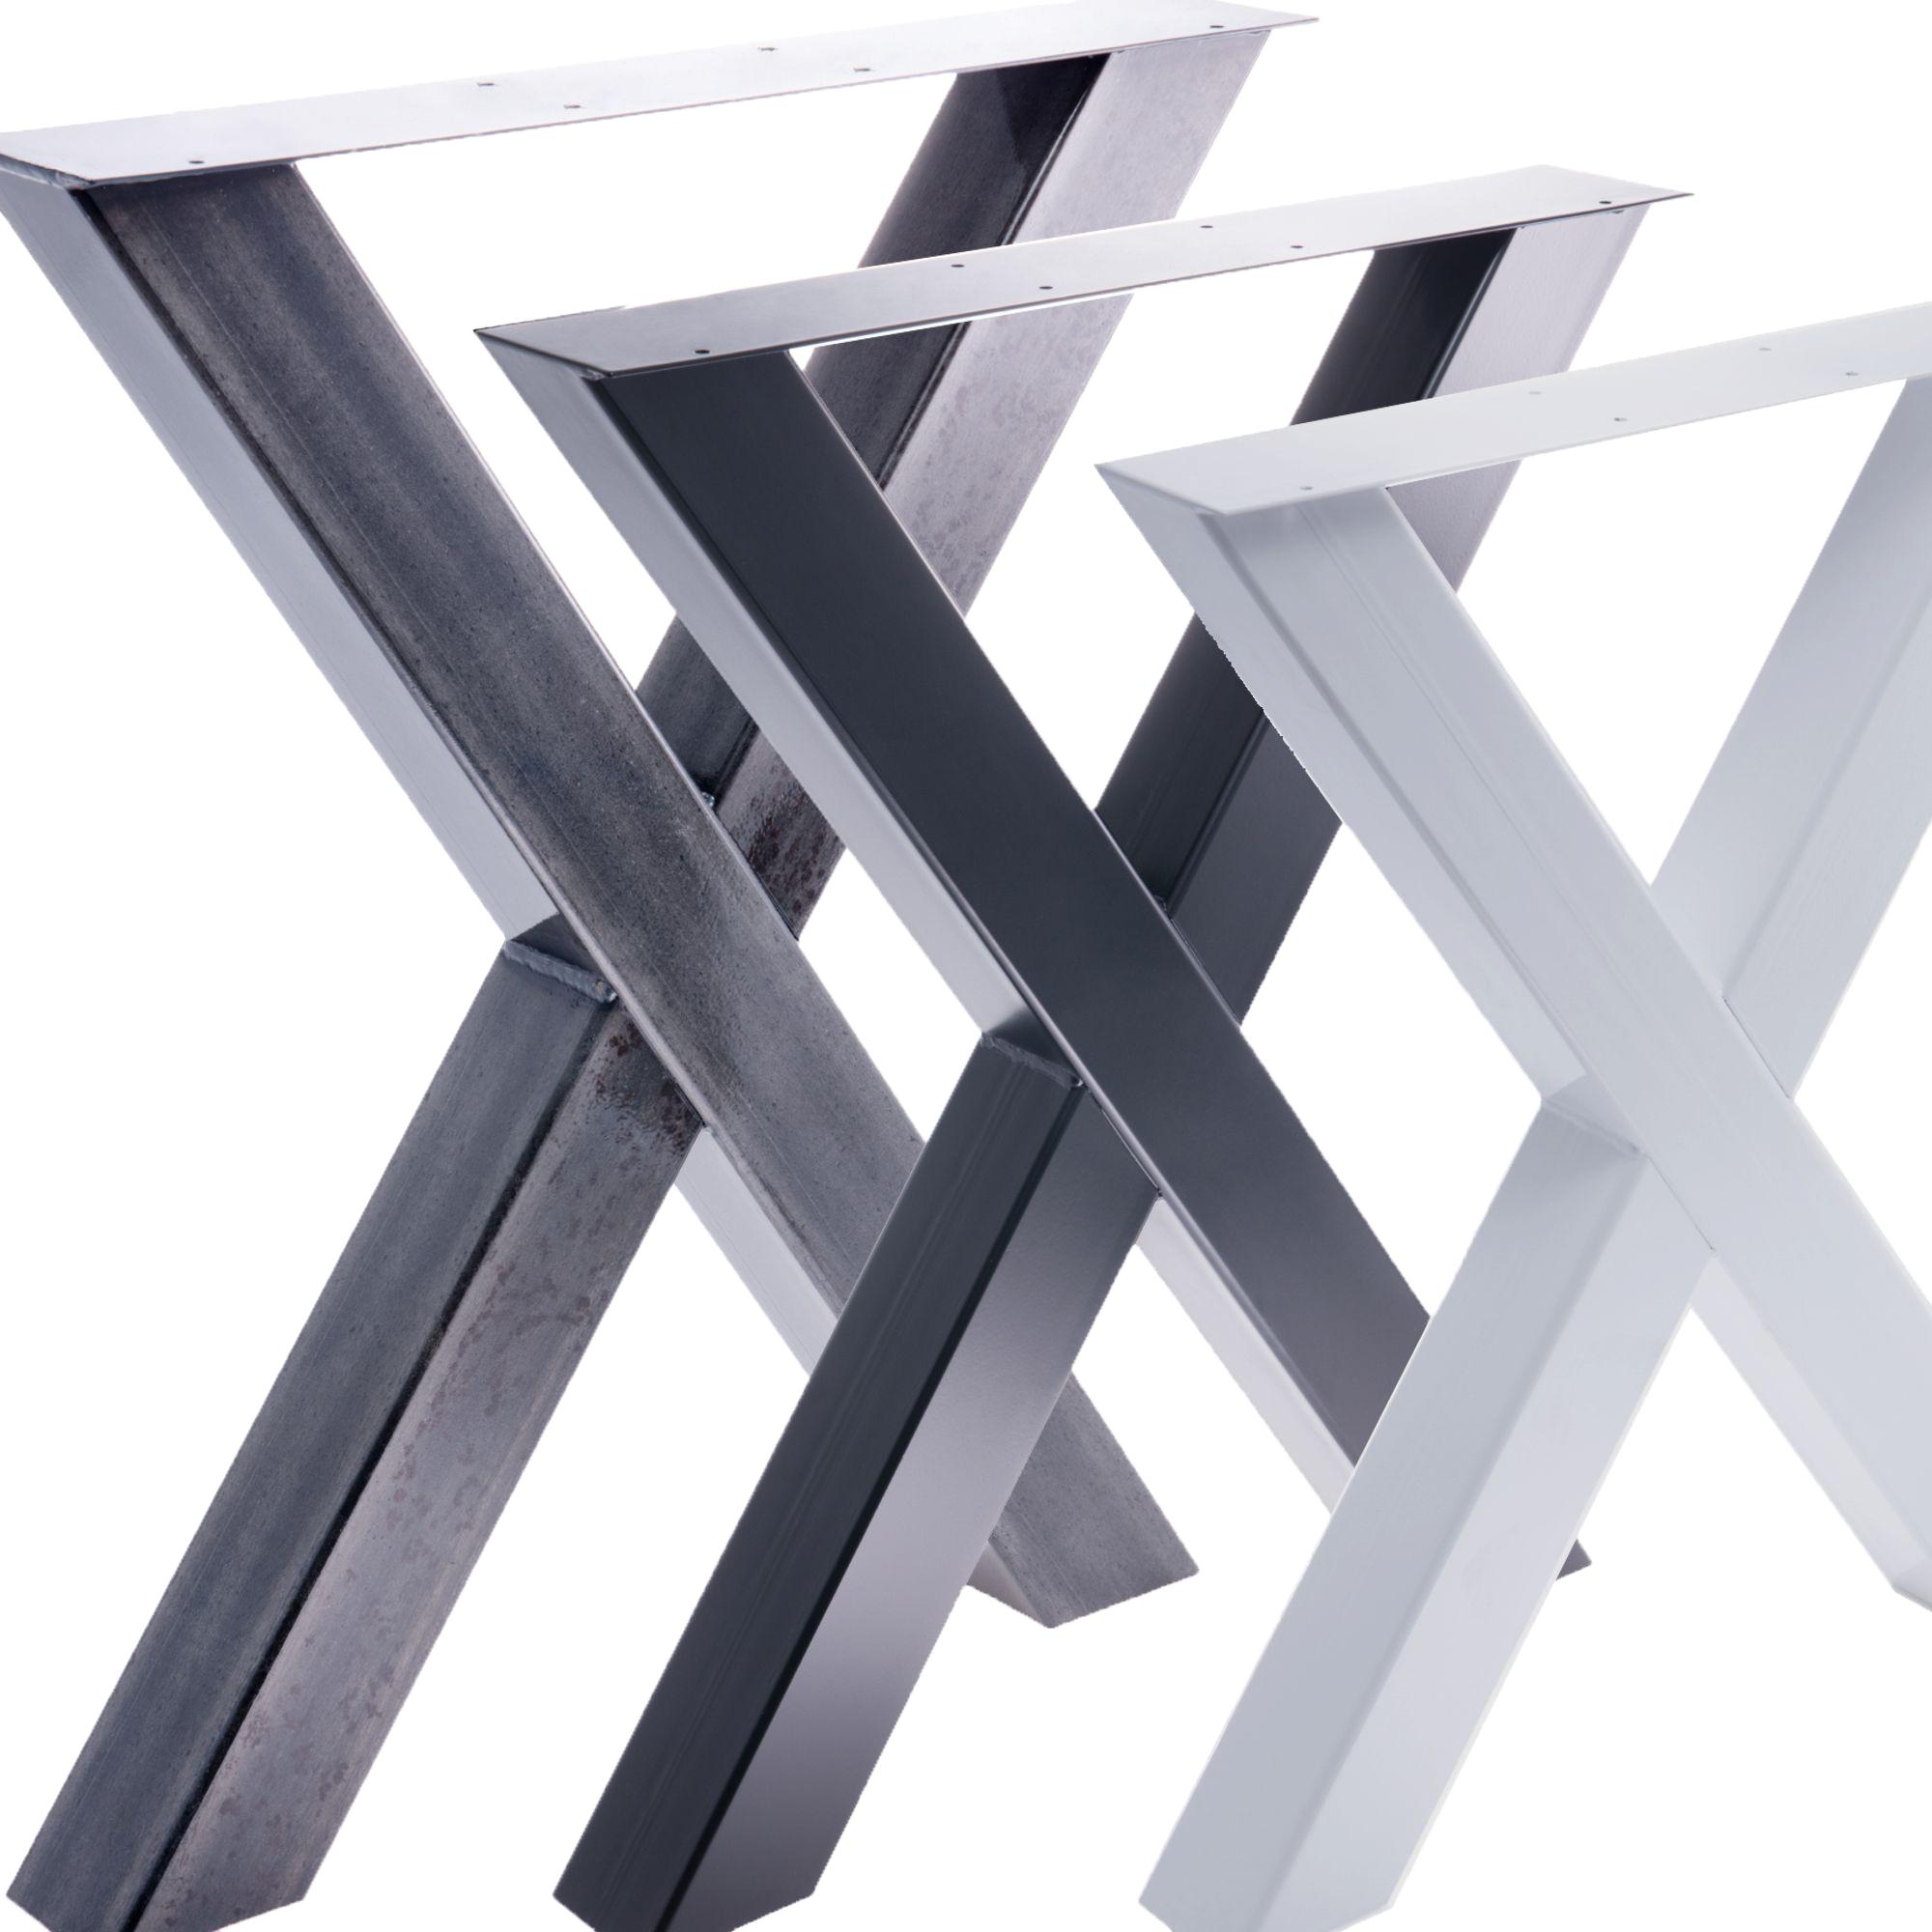 tischgestell tischbein x gestell esstisch schreibtisch tisch m bel loft stahl ebay. Black Bedroom Furniture Sets. Home Design Ideas